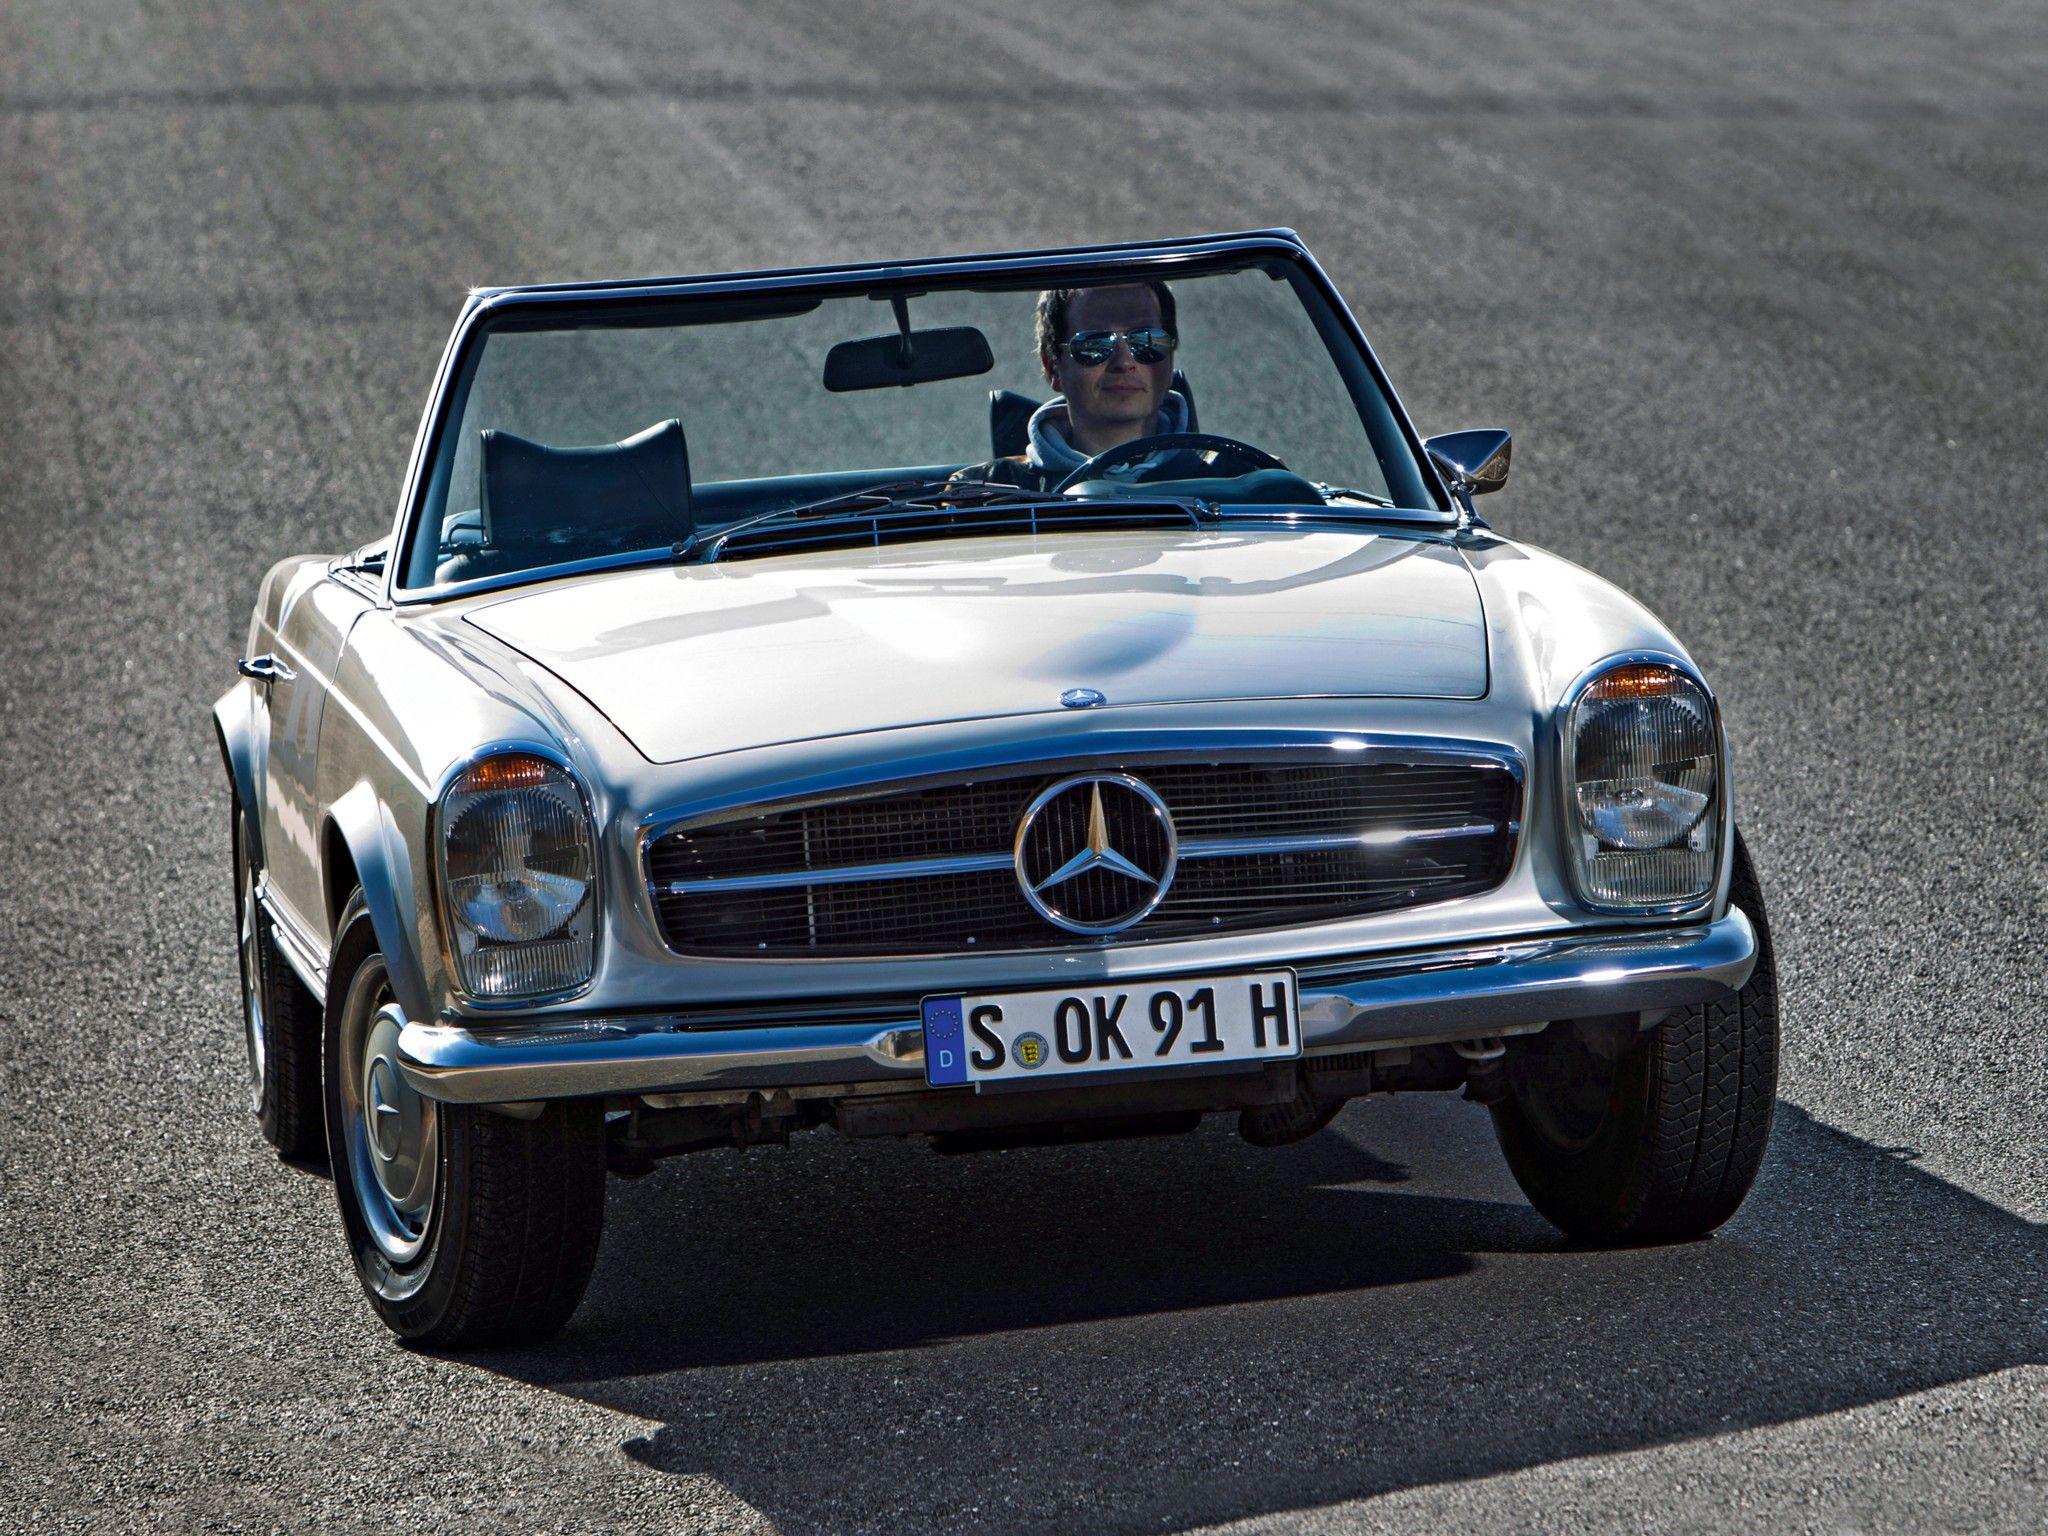 Mercedes benz 280sl car vehicl wrap mercedes benz merced pagoda - 1967 Mercedes Benz 280 Sl W113 Or Pagoda